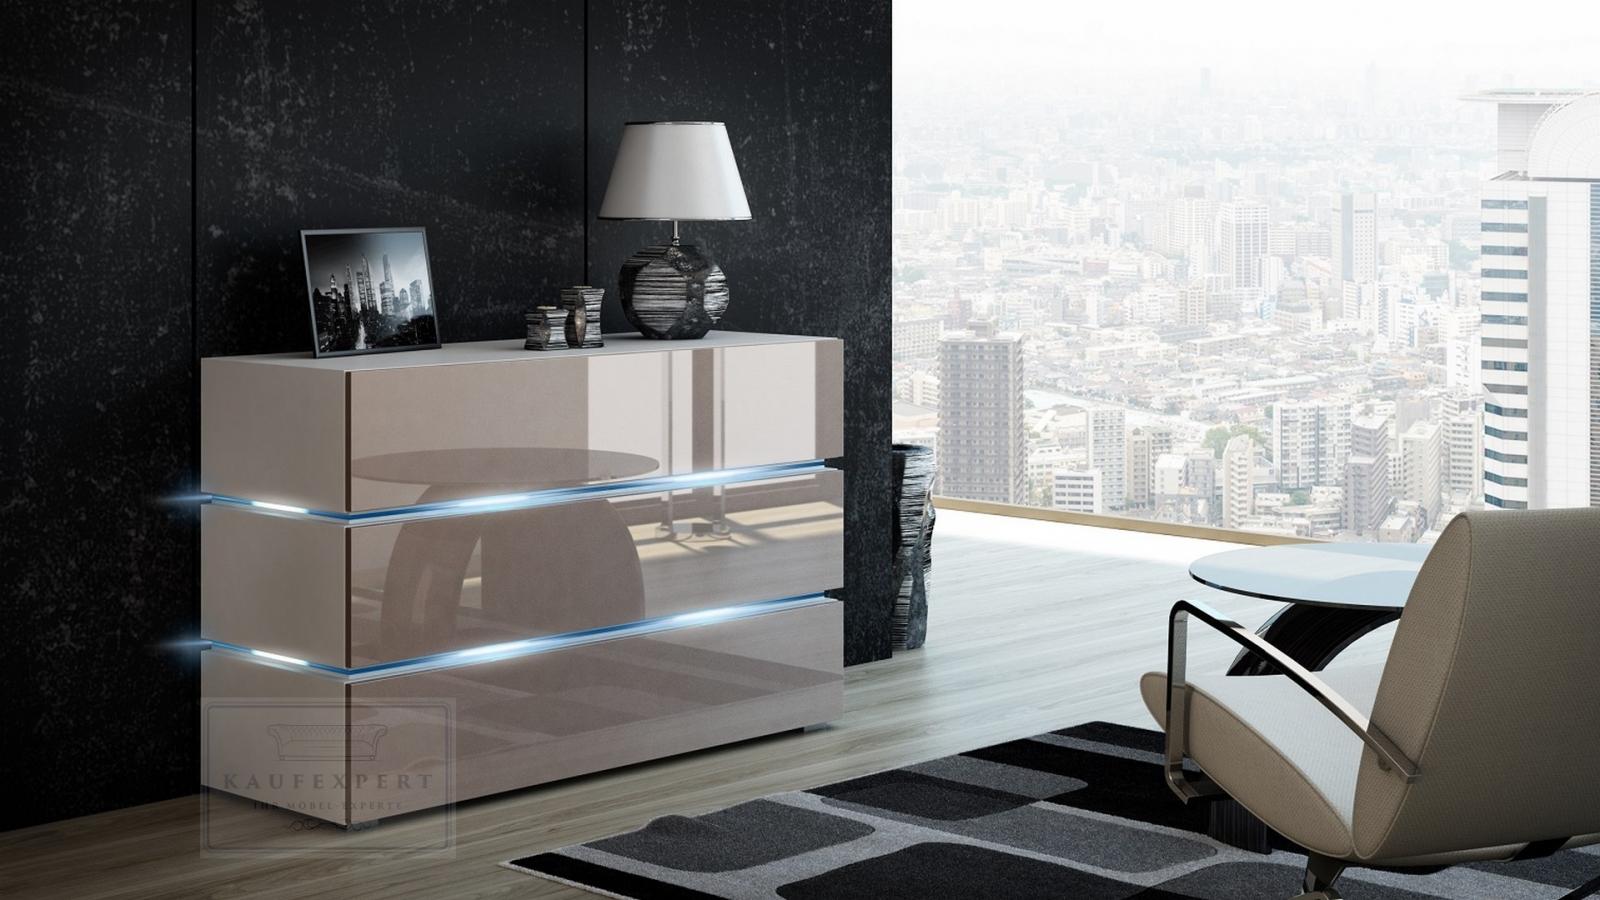 kaufexpert garderobe camino wei hochglanz sonoma eiche mit spiegel led beleuchtung garderoben. Black Bedroom Furniture Sets. Home Design Ideas